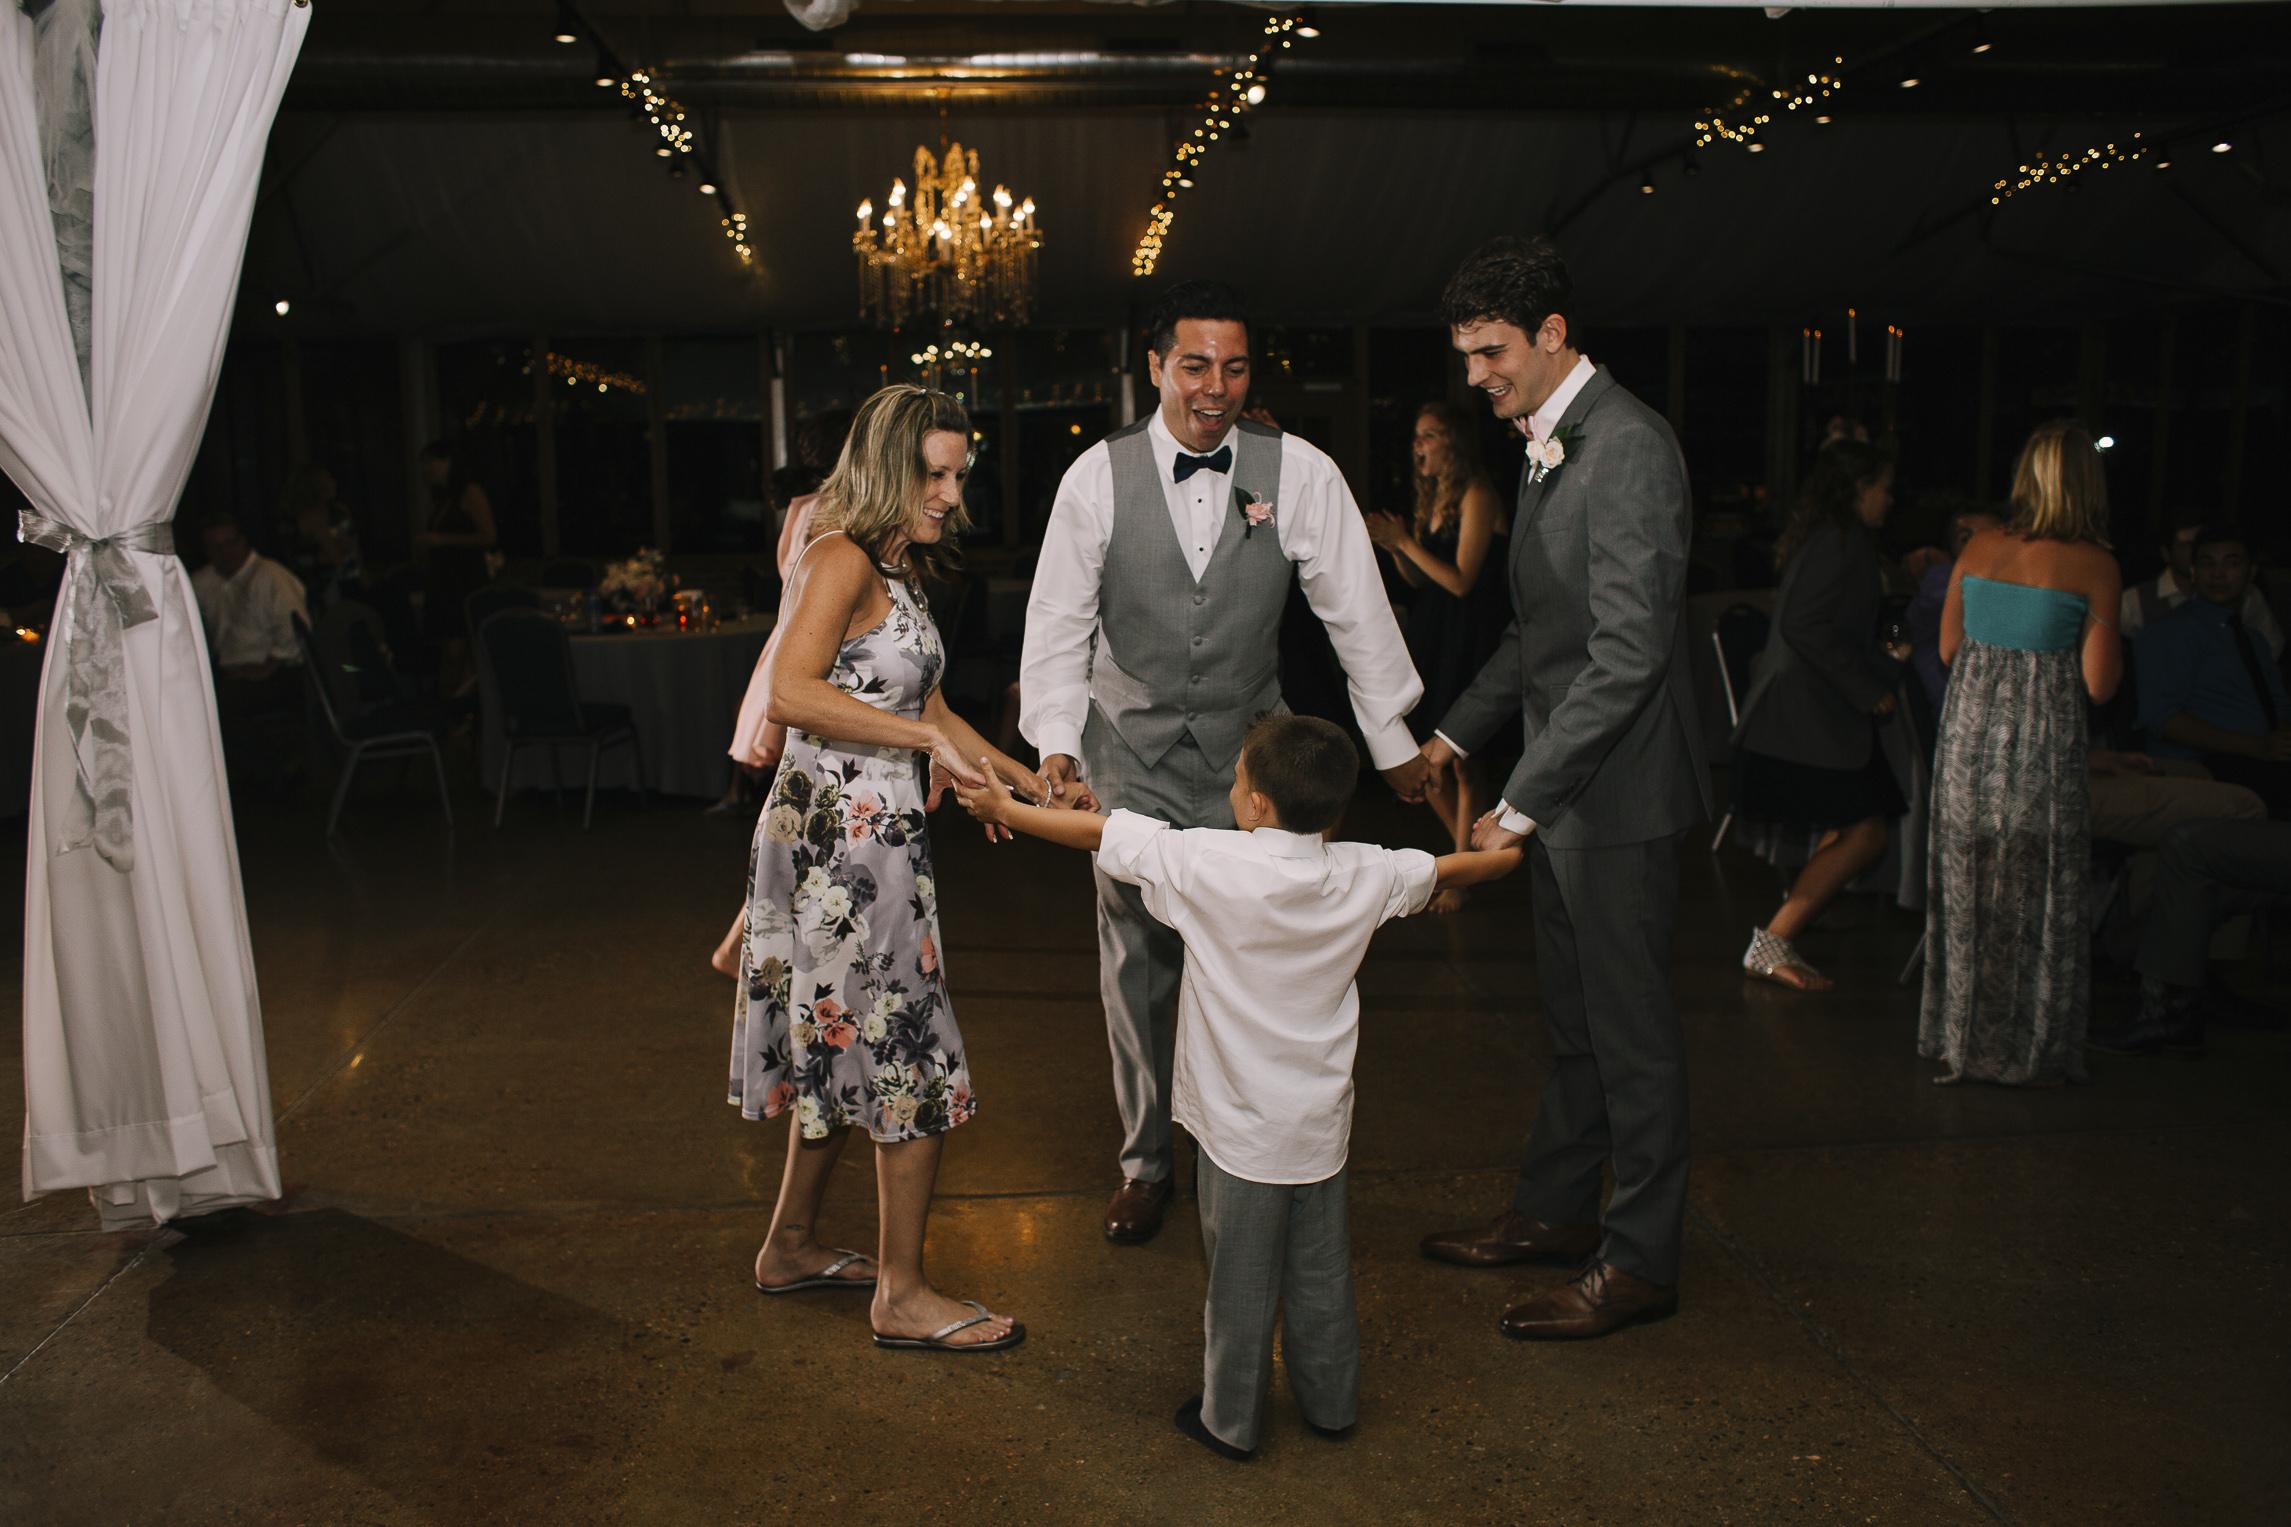 web sized images -- no to print --CALVIN & MCKYLEY WEDDING PHOTOS - COLORADO PHOTOGRAPHER - DEBI RAE PHOTOGRAPHY-2748.jpg